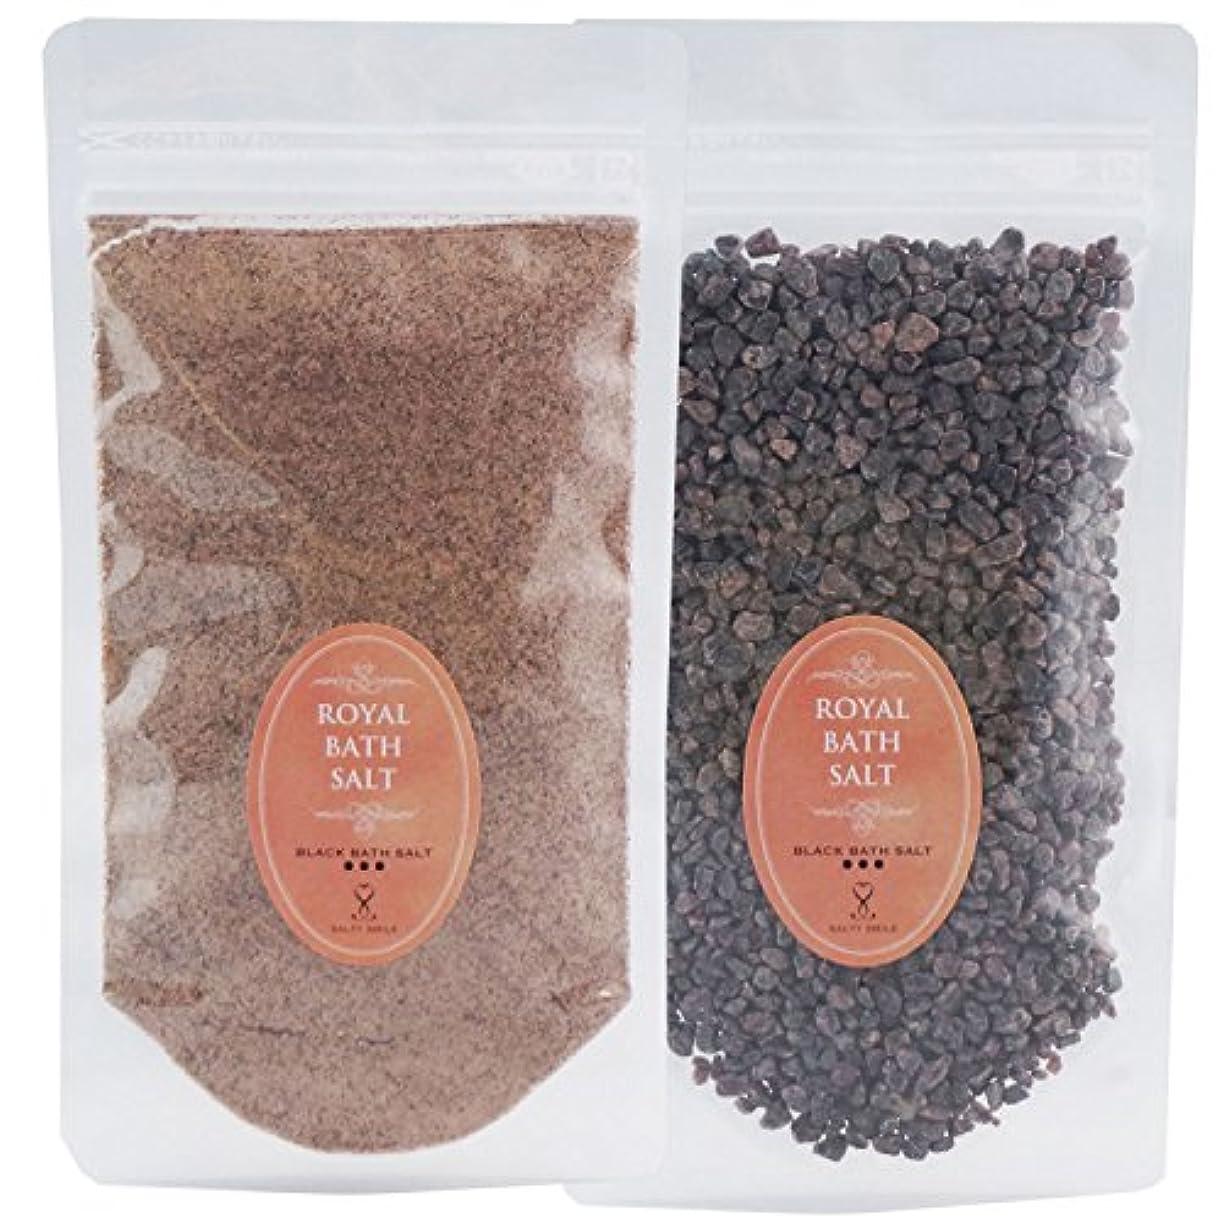 定期的長くするリフレッシュロイヤル バスソルト ヒマラヤ岩塩 ブラック パウダー グレイン 各200g 粗粒 粉 ROYAL BATH SALT